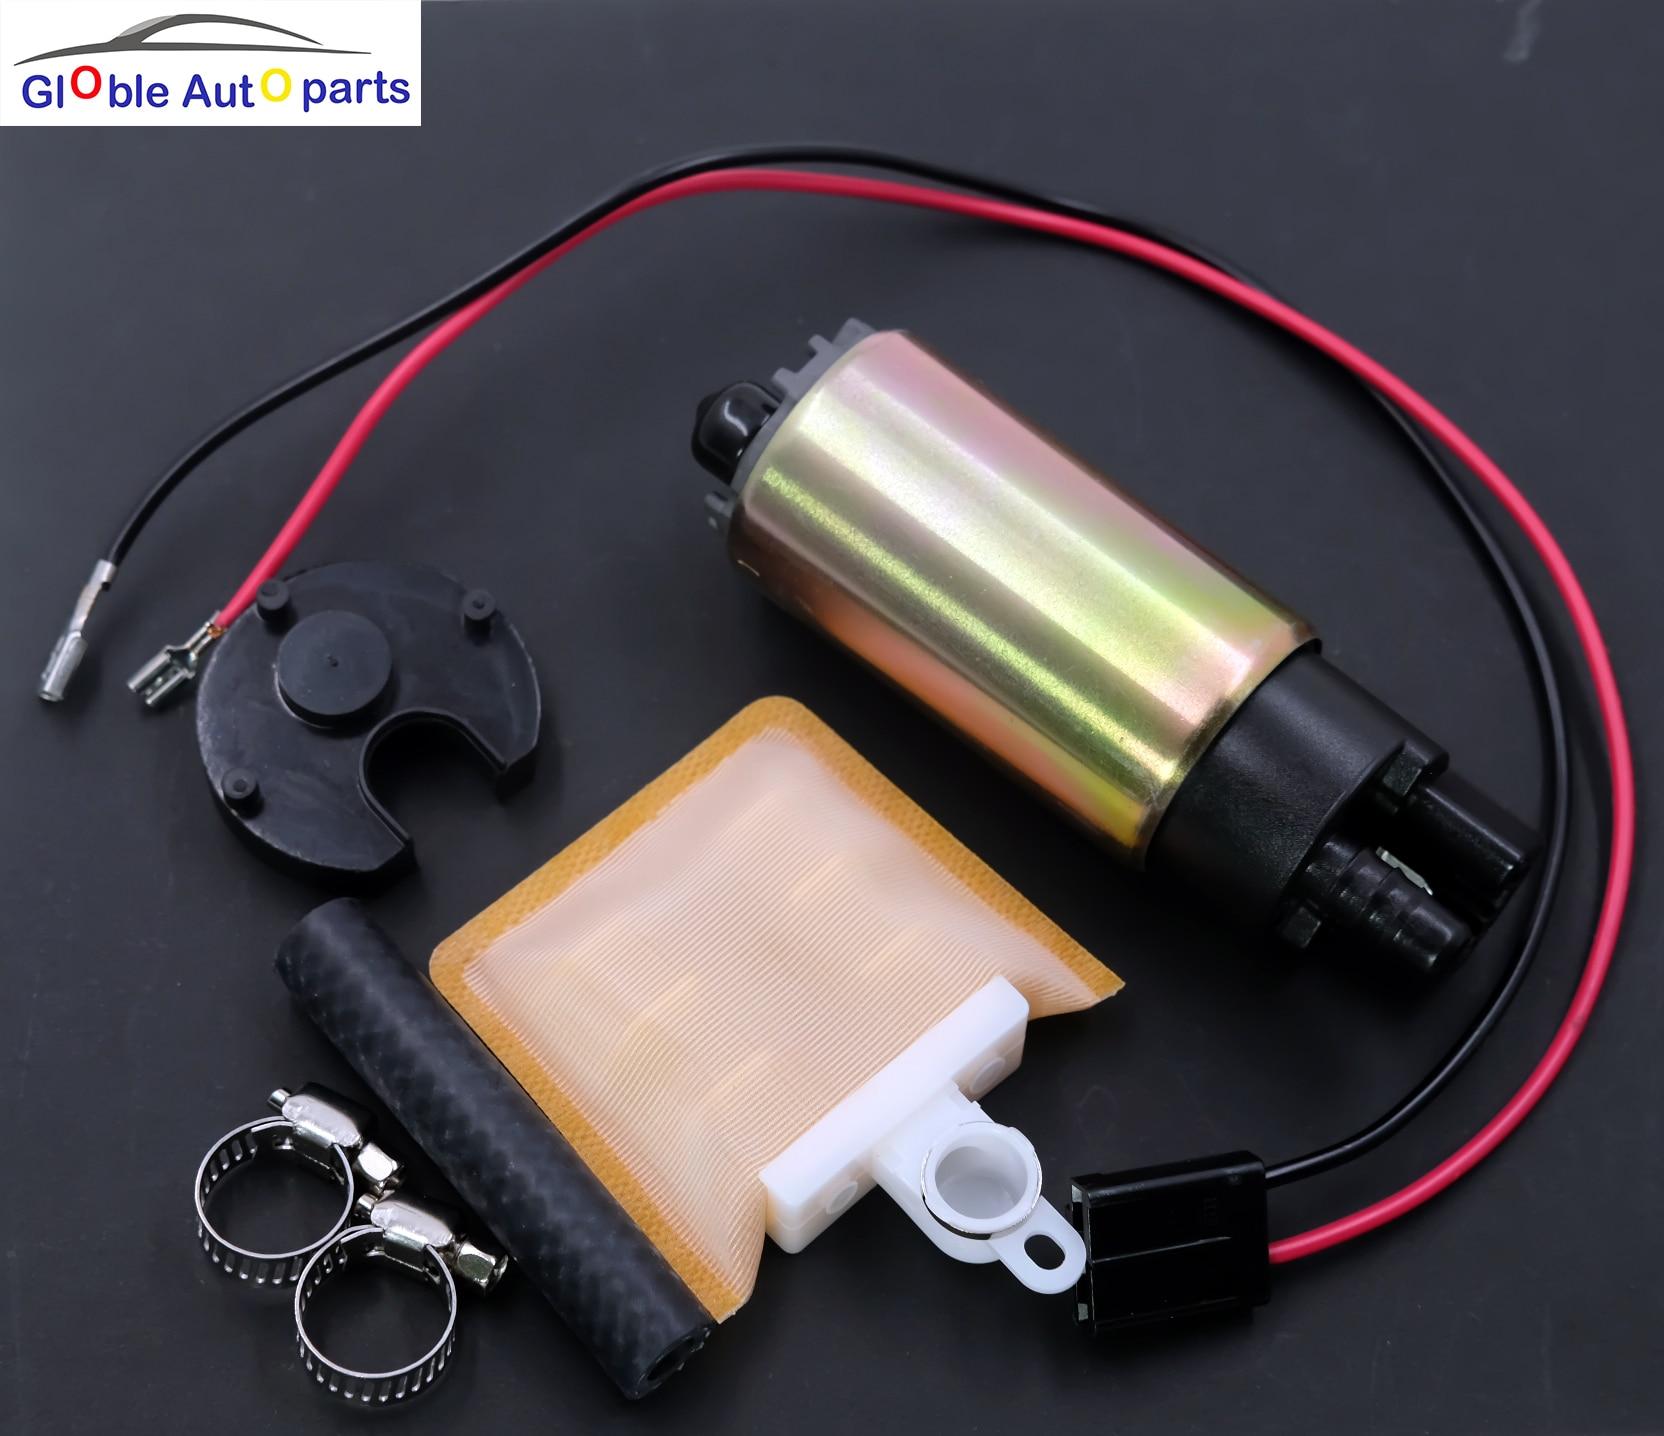 Uniwersalny 255Lph wysoki przepływ elektryczna pompa paliwa dla Kia Suzuki Dodge Ford Honda Acura chevrolet Mitsubishi Mazda Nissan toyota